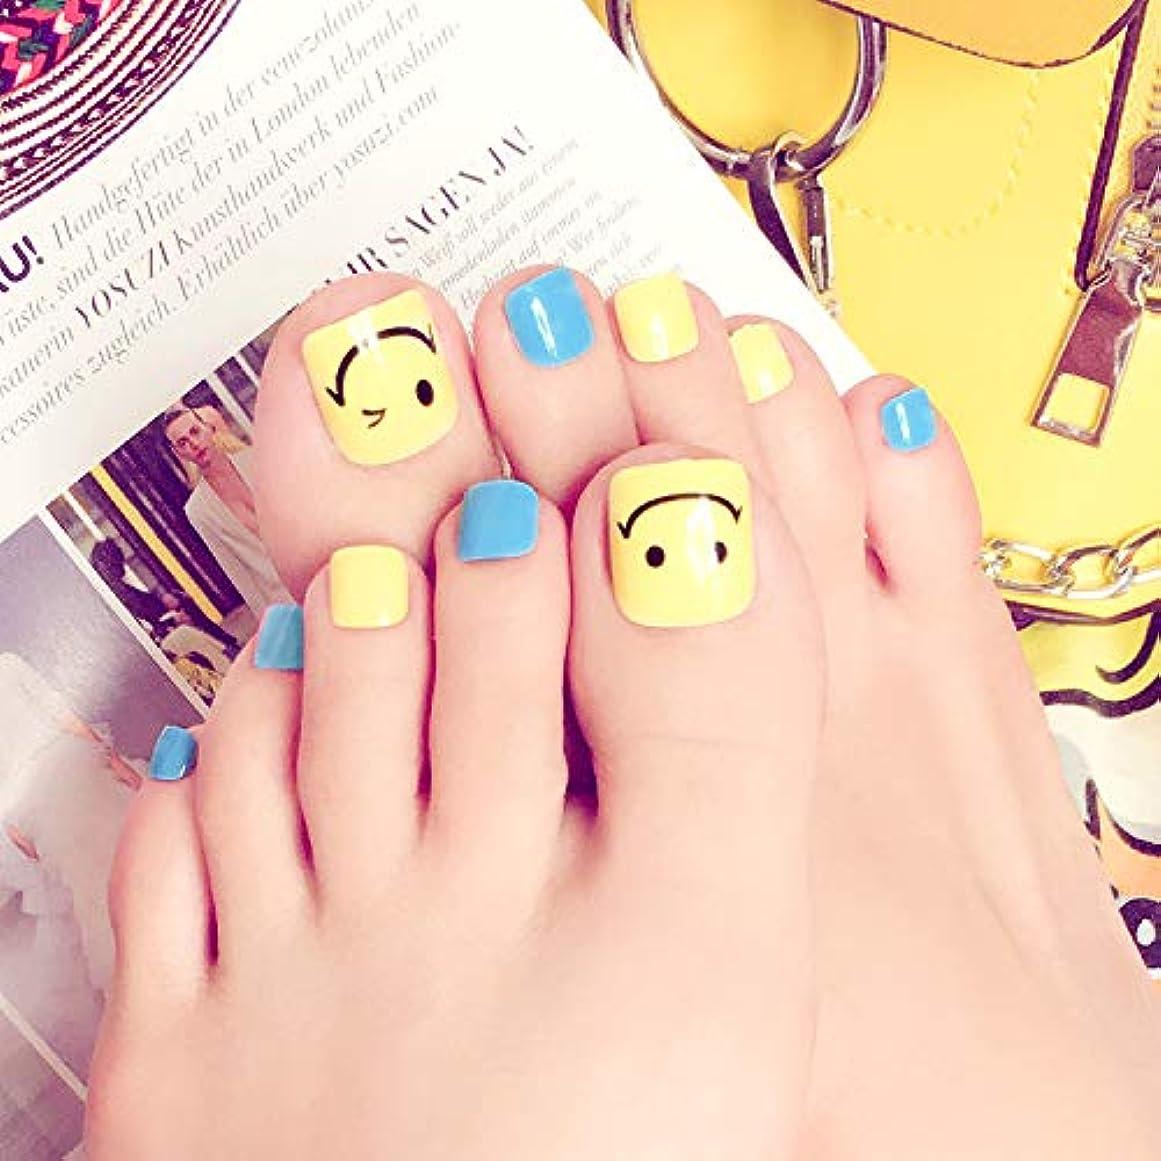 晴れ広告するグラフACHICOO 夏かわいいキャンディーカラースマイリーフェイスつま先偽爪フルカバーフット偽ネイル